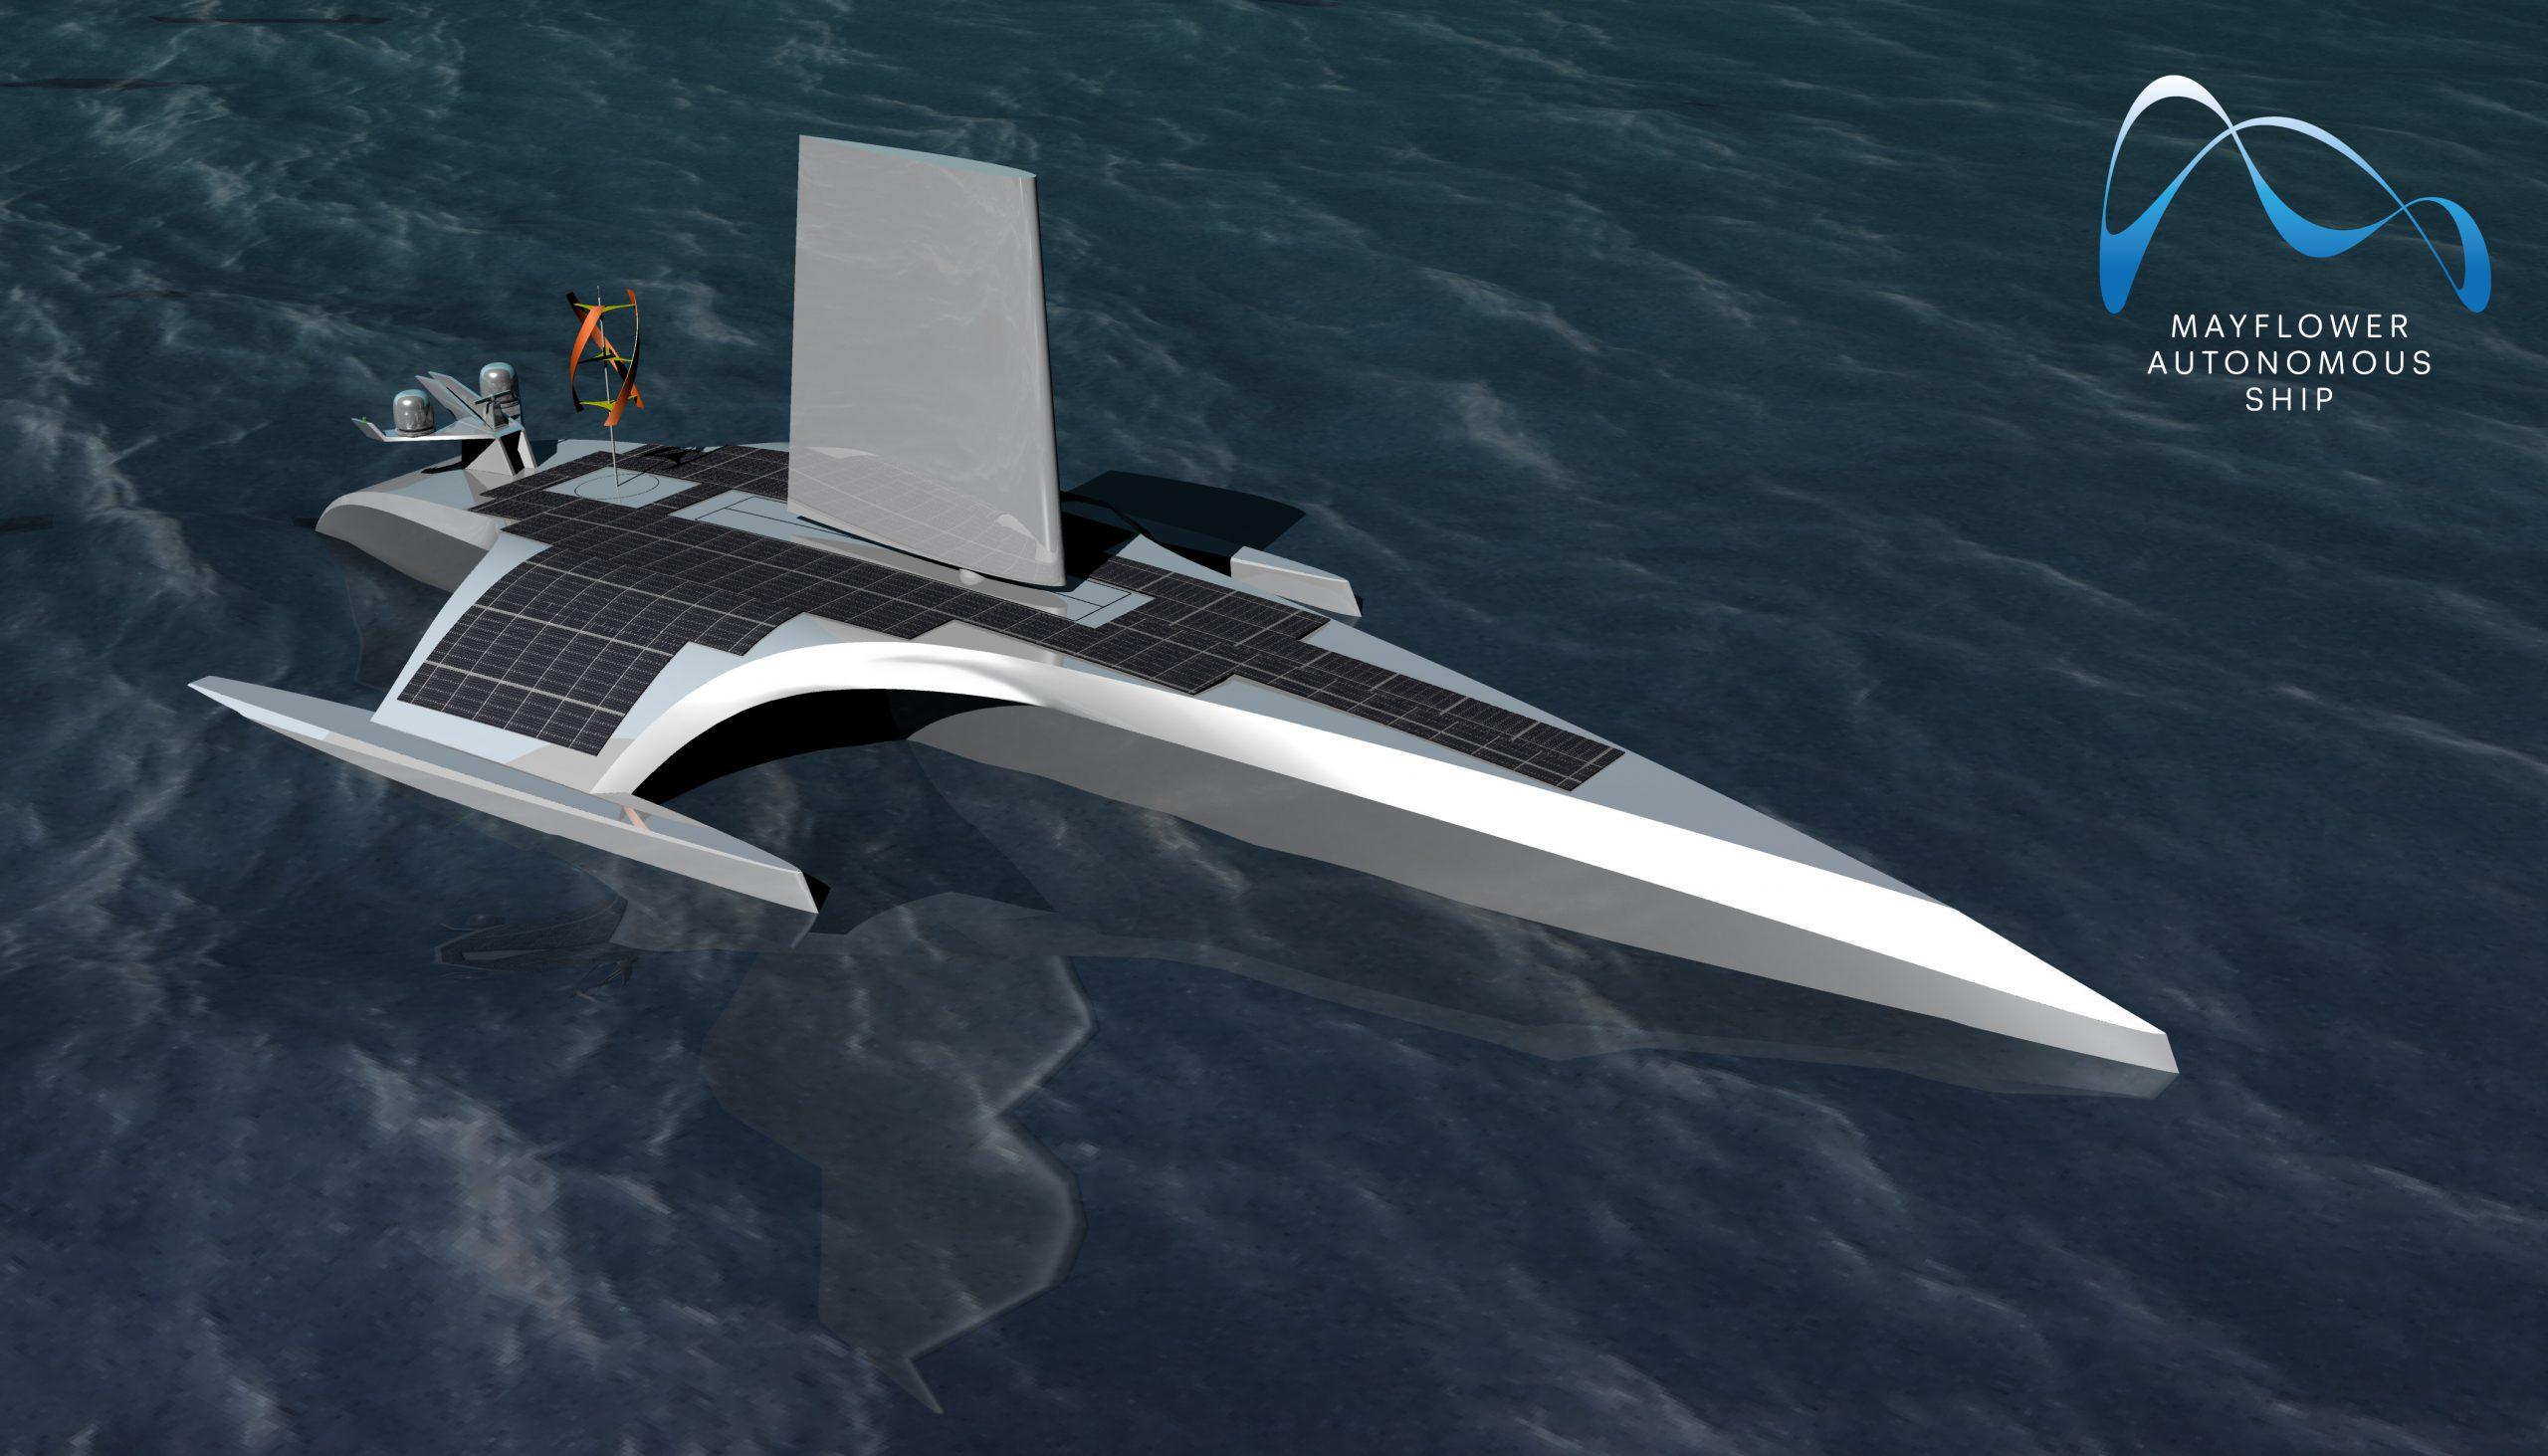 ספינת המחקר האוטונומית מיילפאור. צילום IBM